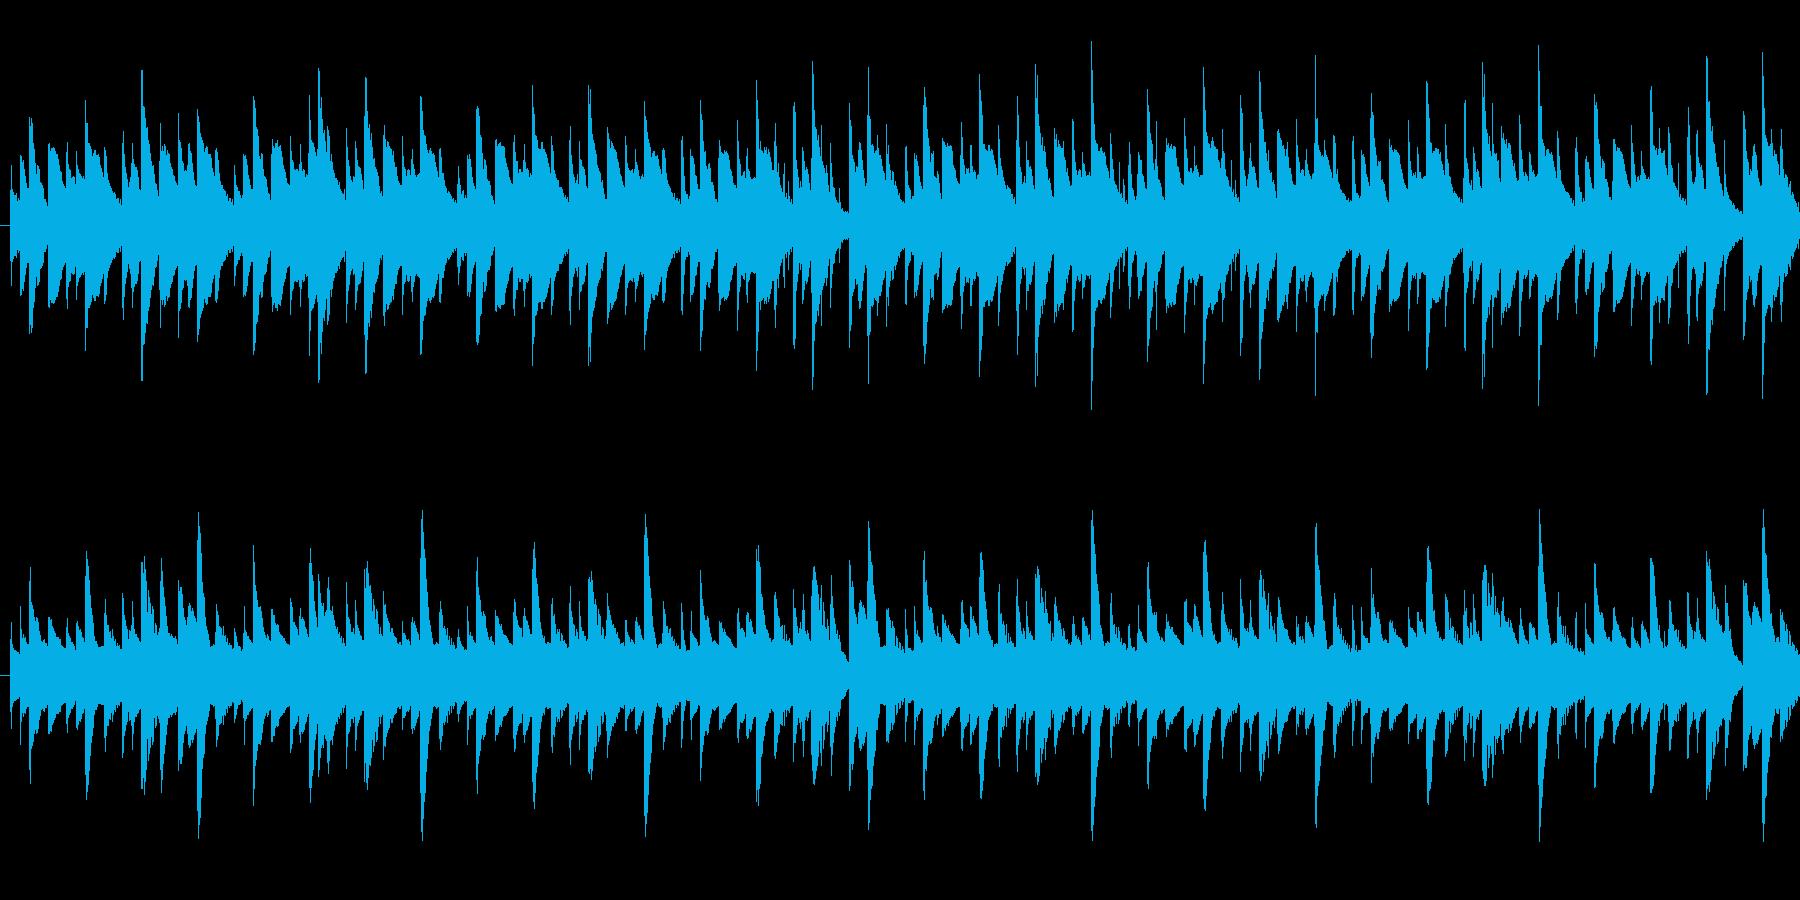 【メロディ抜き】ゆったりほのぼのした雰…の再生済みの波形